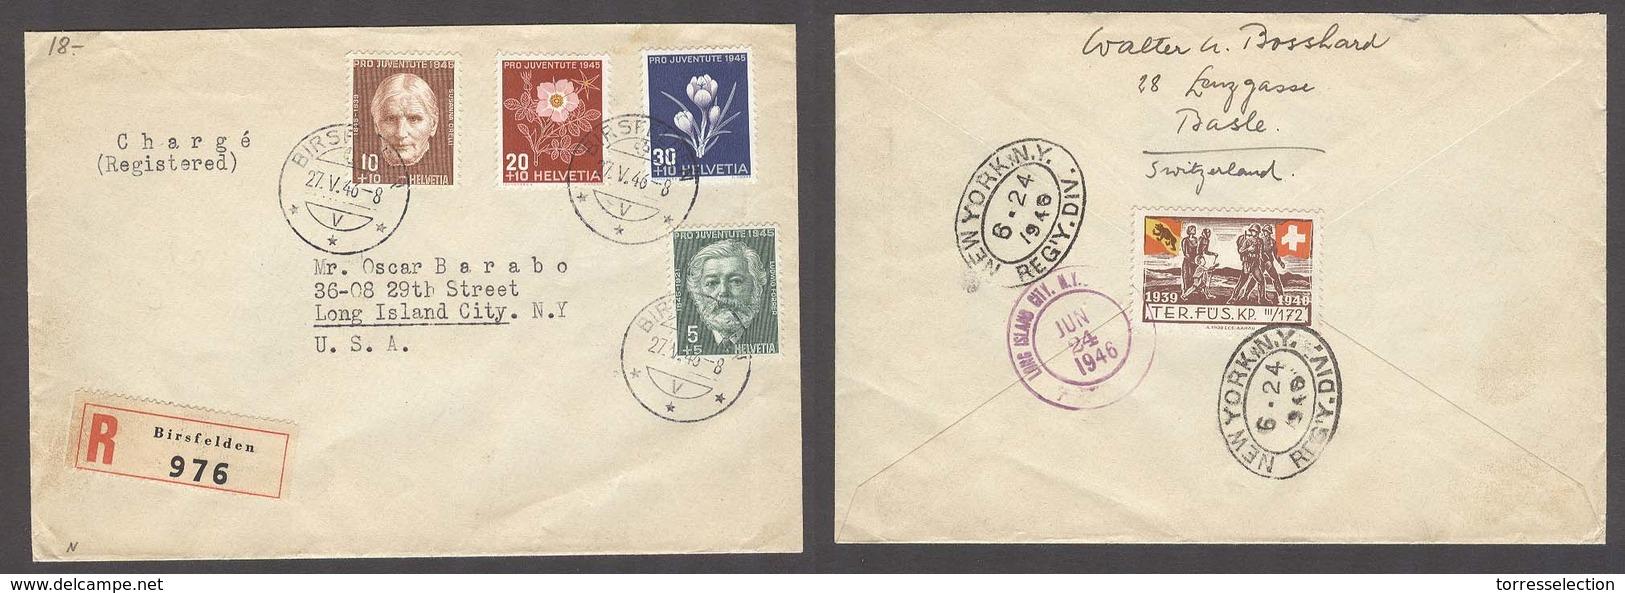 Switzerland - XX. 1946 (27 May). Birsfelden - USA / NY. Reg Multifkd Env Tied Military Label Reverse. VF. - Switzerland